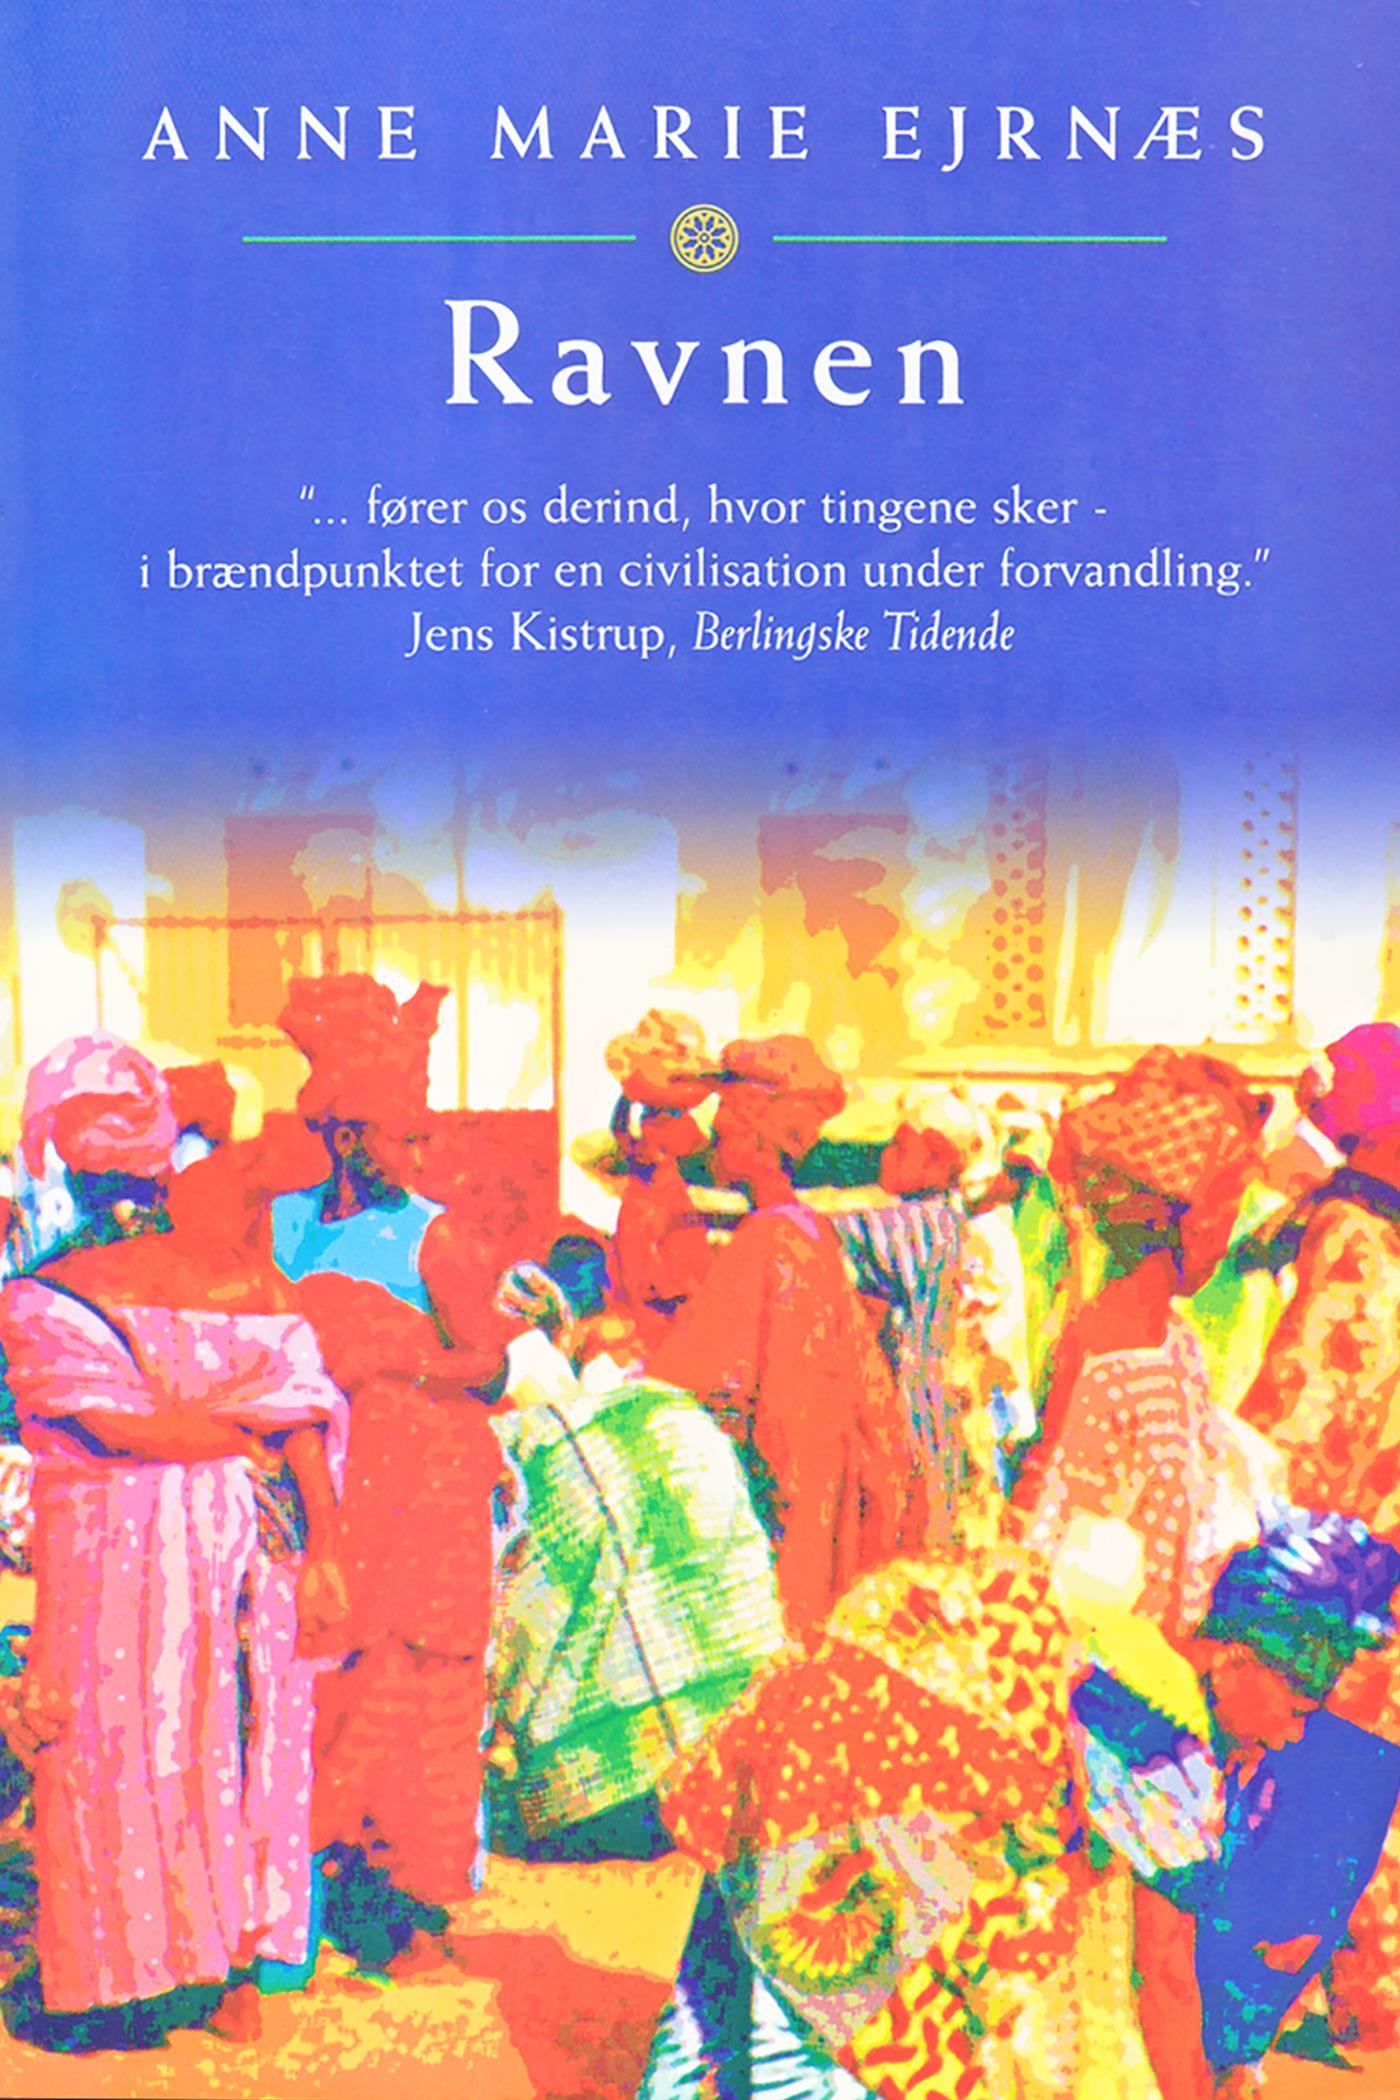 Ravnen - e-bog fra N/A på bog & mystik